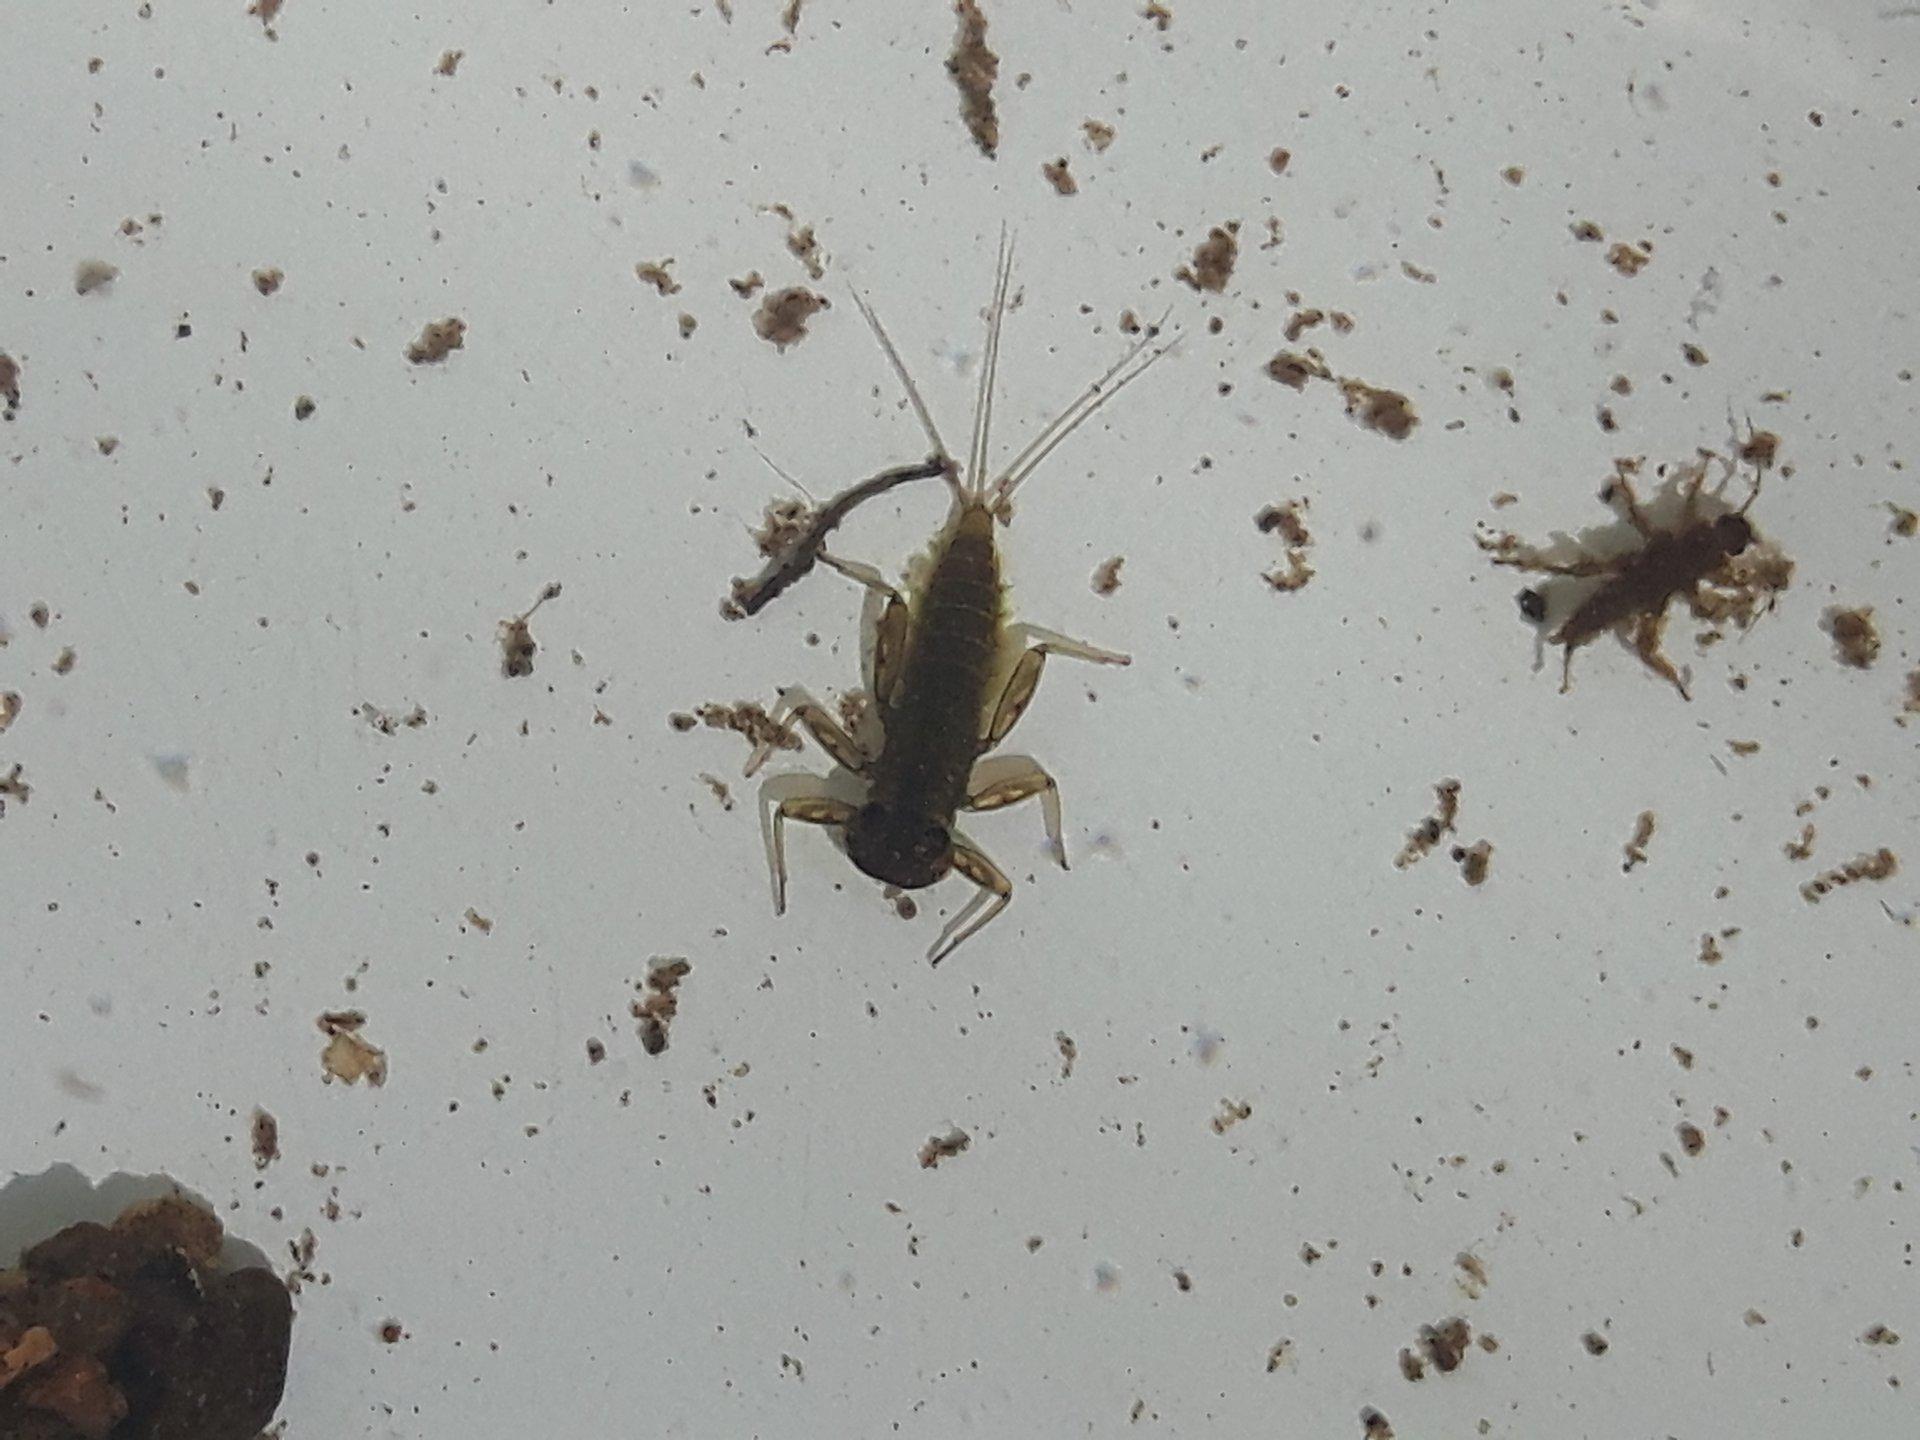 Gewässertiere unterm Mikroskop (Foto Larissa Jüttner)